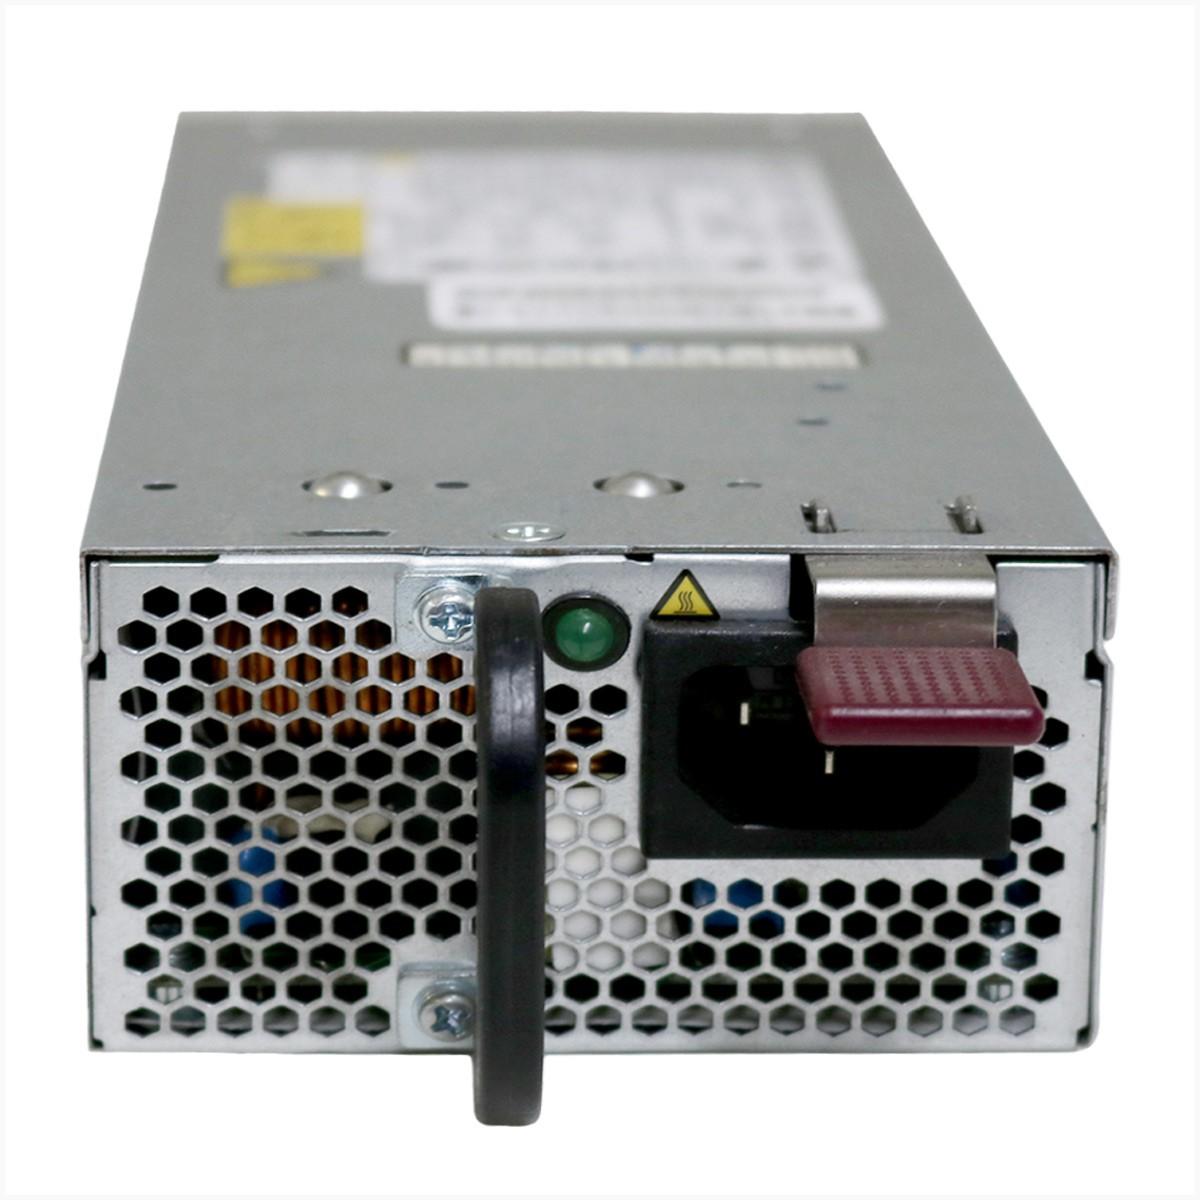 Fonte para Servidores HP DPS-800GB A - Usado